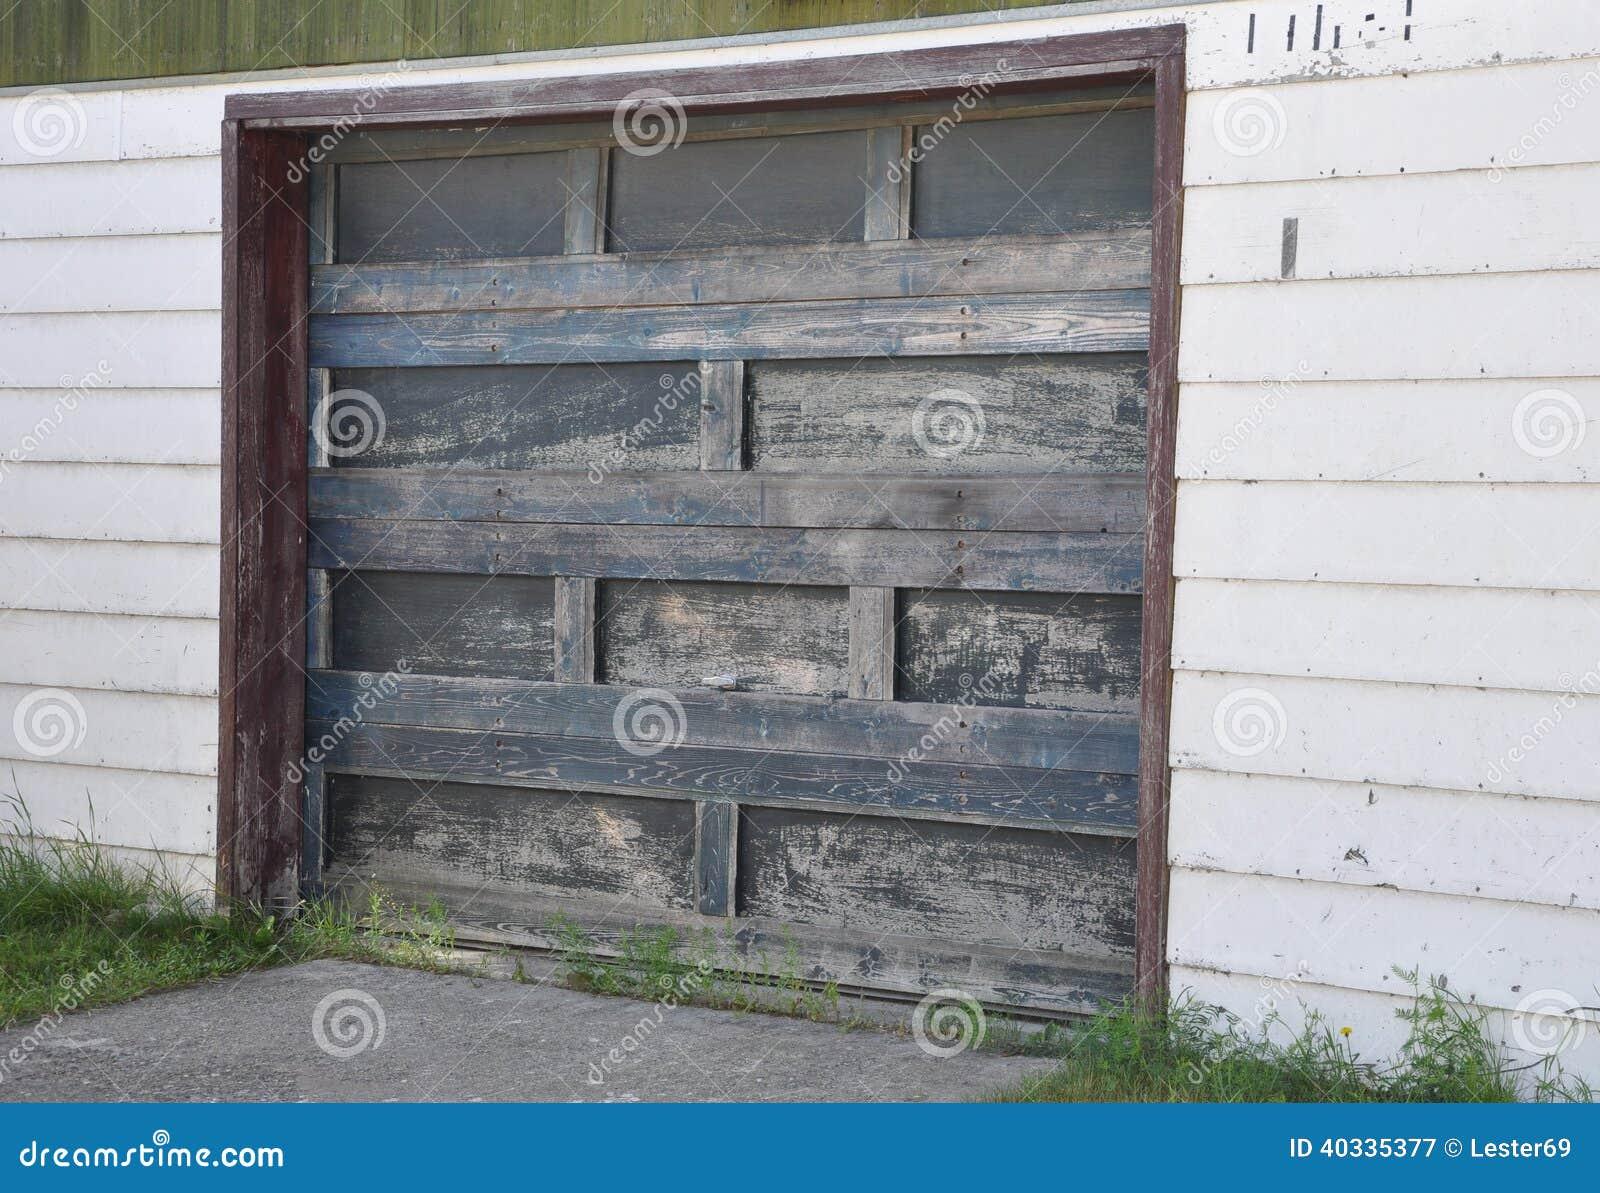 Wooden Garage Door Stock Image Image Of Concept Area 40335377